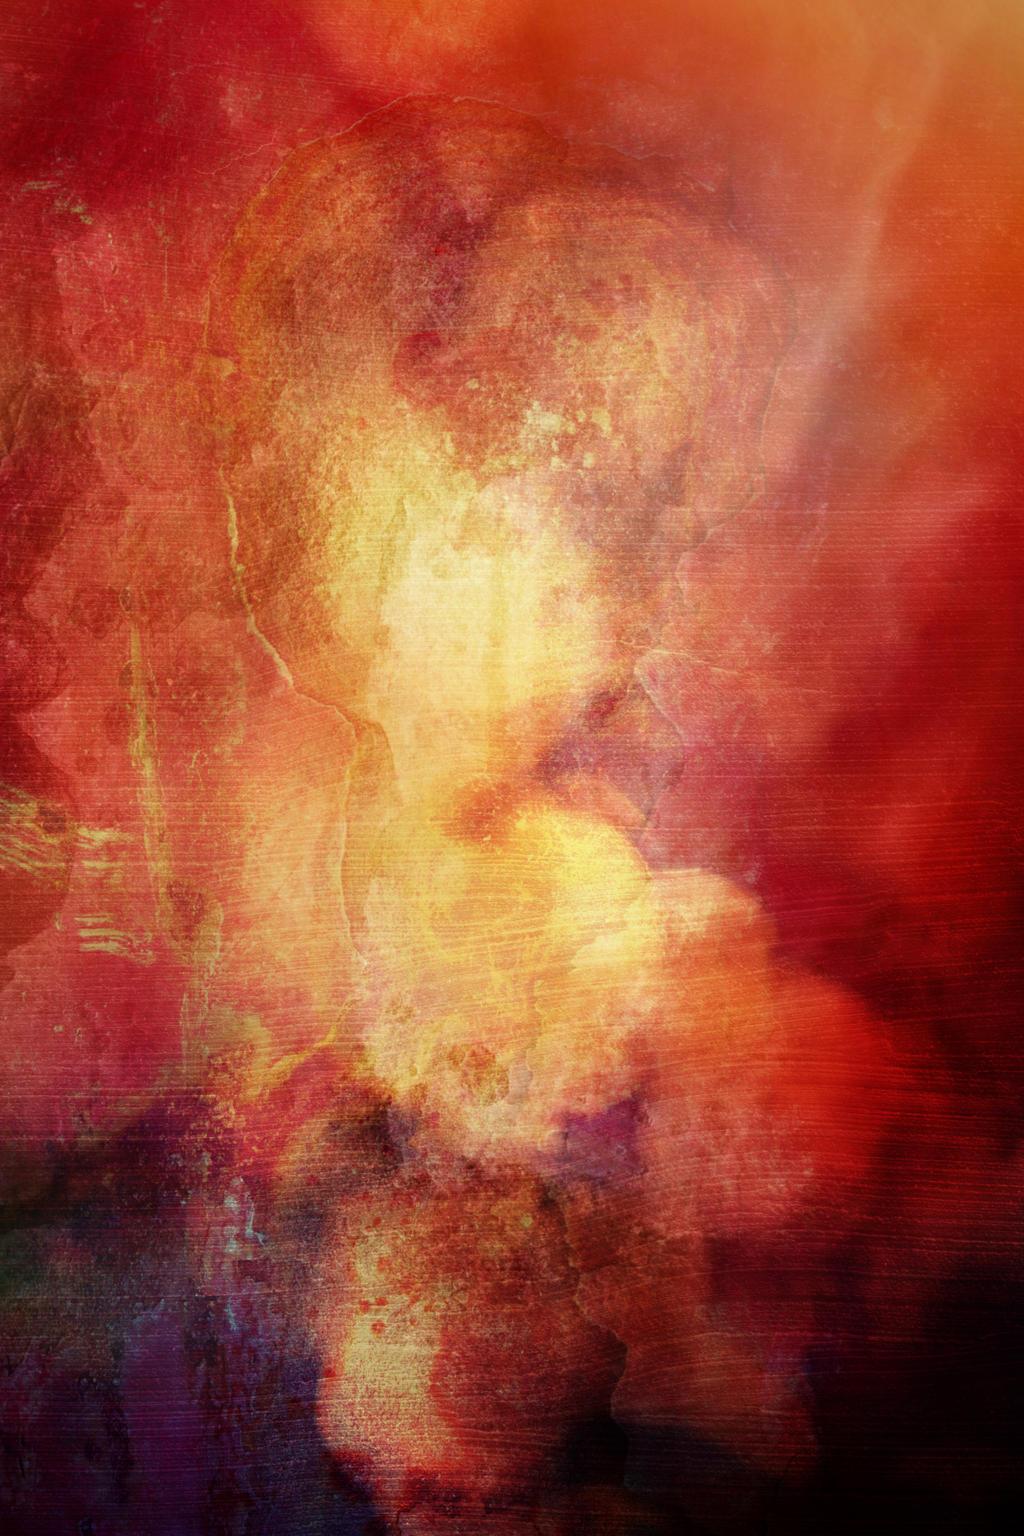 Texture 355 by Sirius-sdz